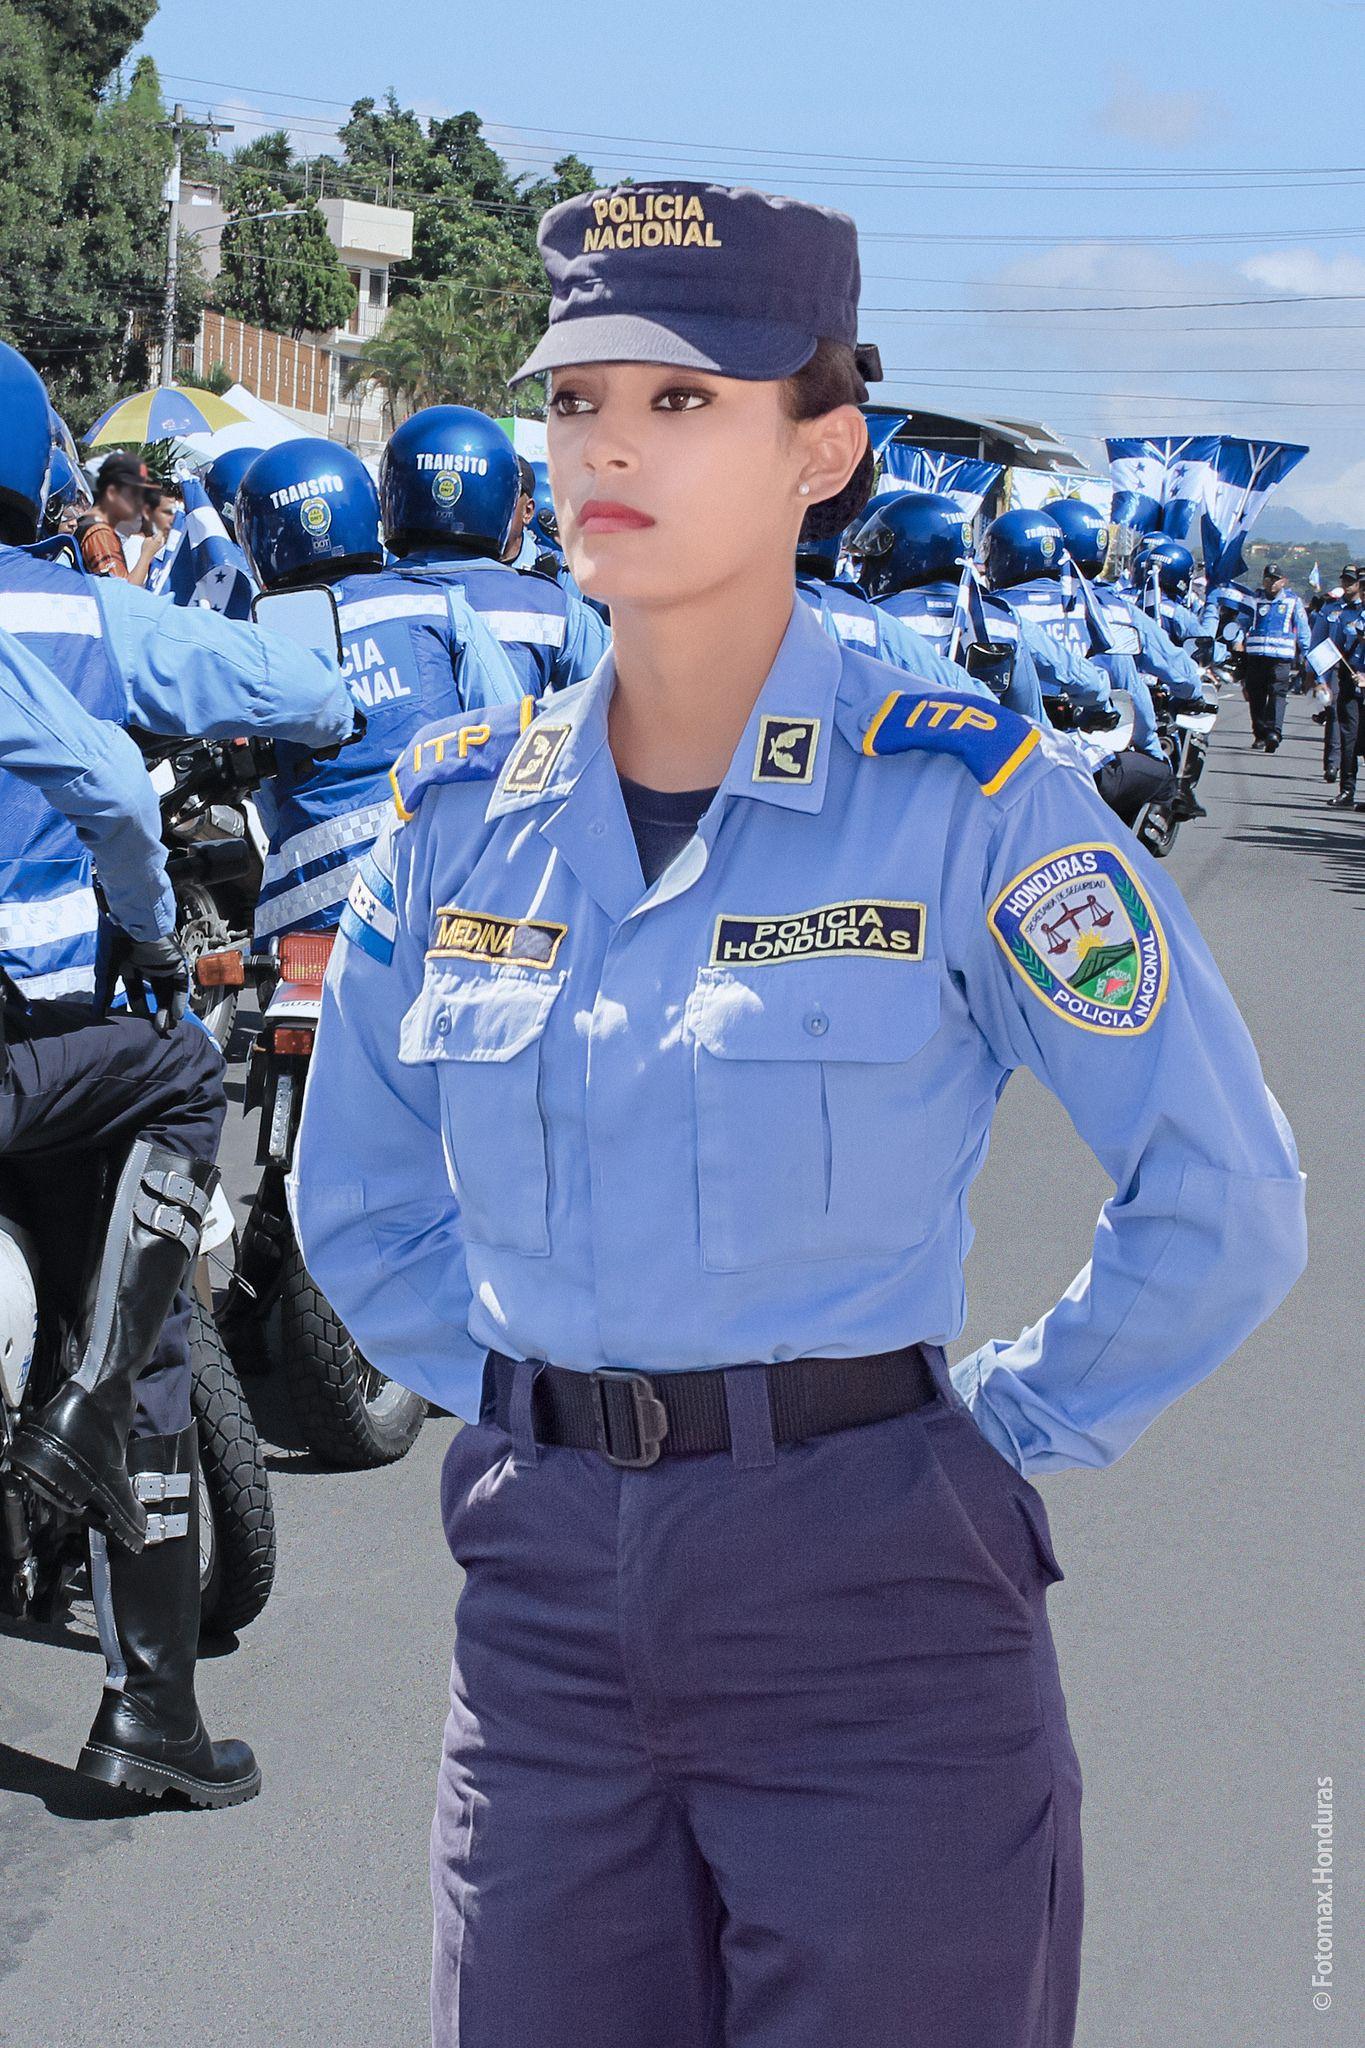 Policía de Honduras | Honduras